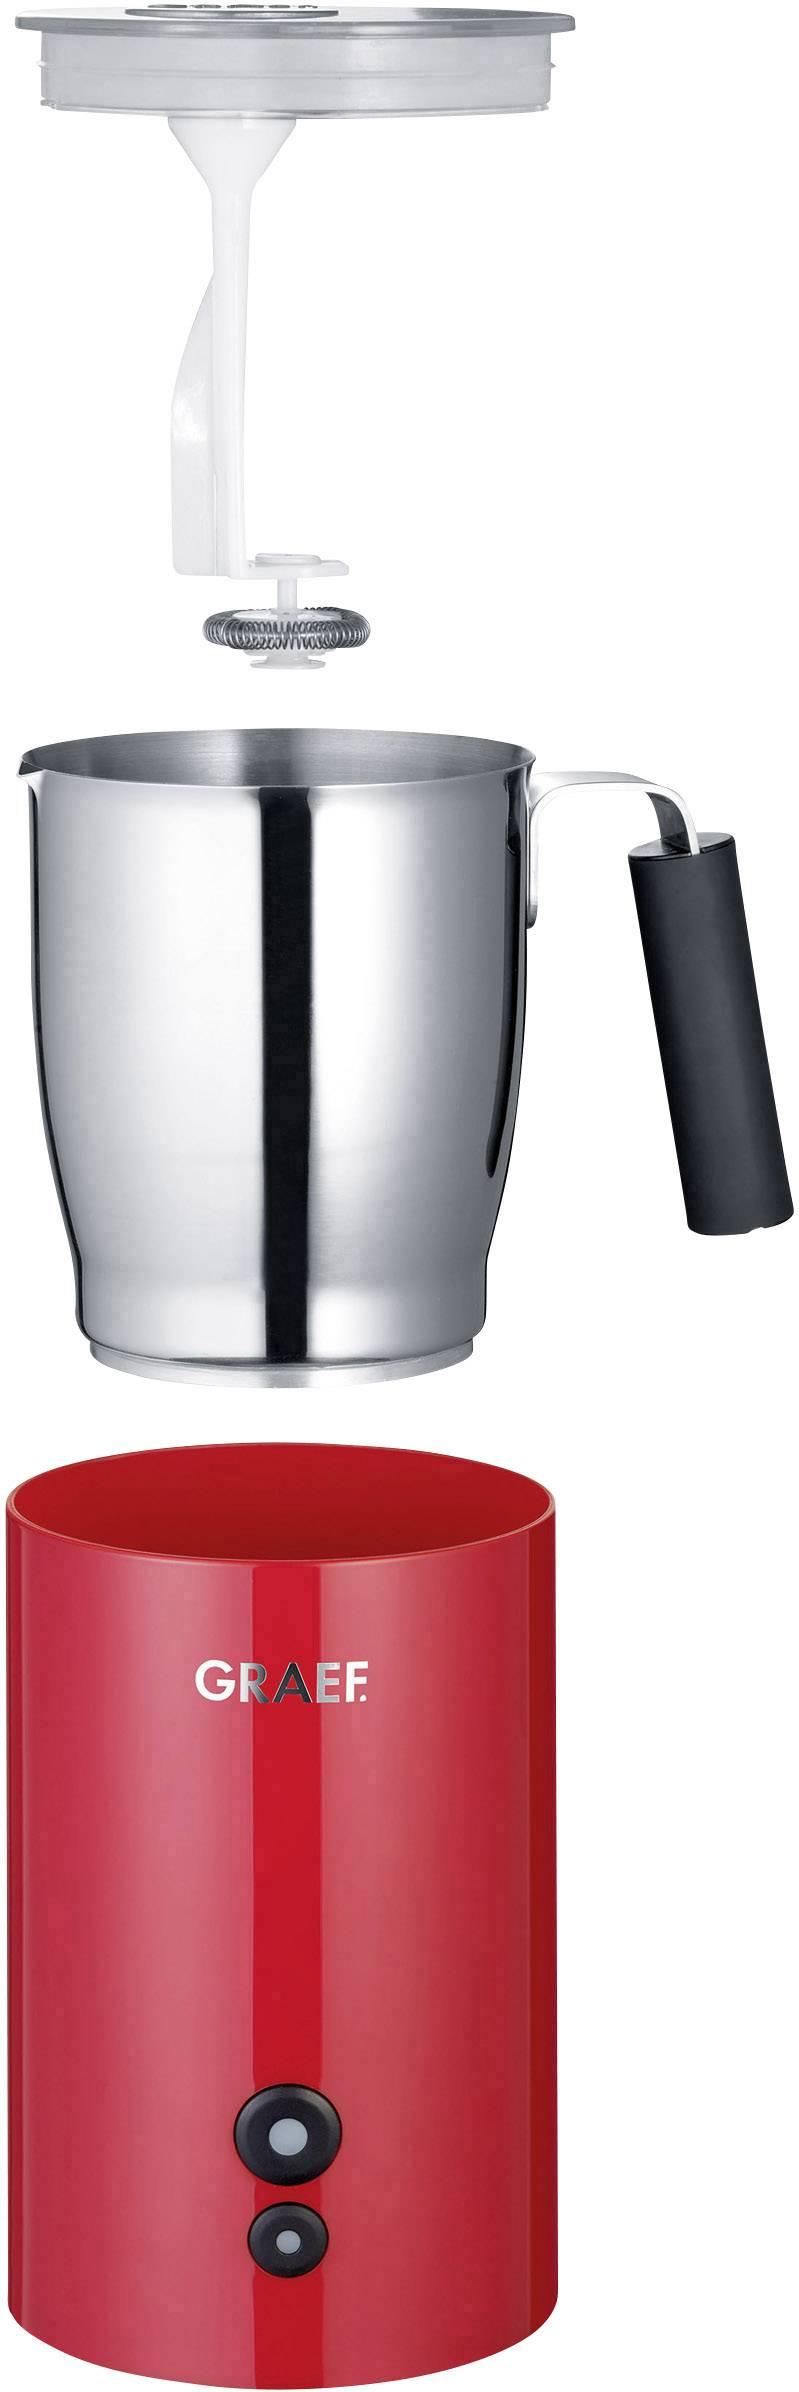 Graef MS703EU MS703EU naprava za penjenje mleka rdeča 450 W